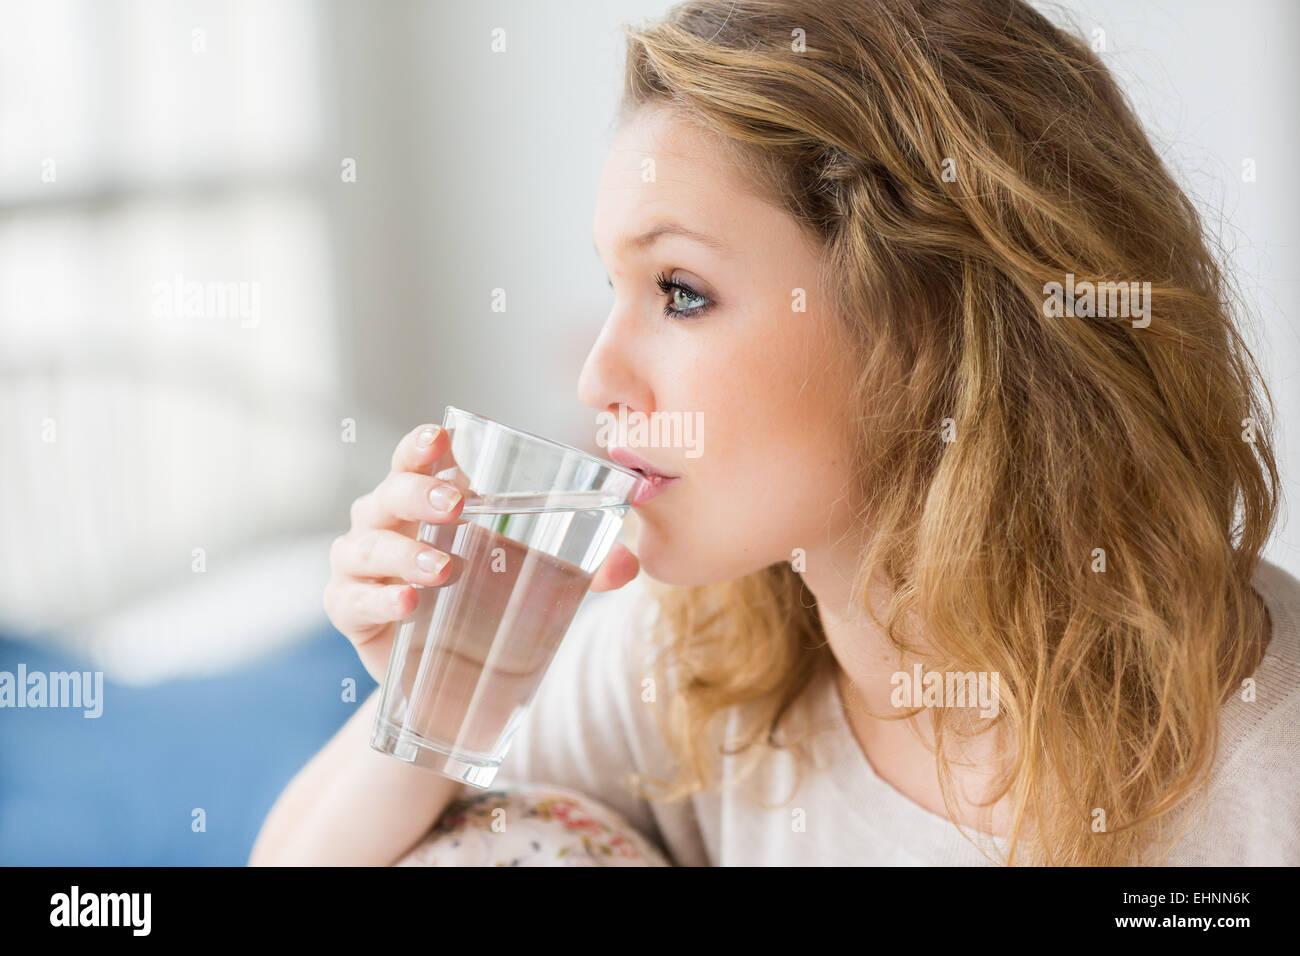 Mujer beber un vaso de agua. Imagen De Stock